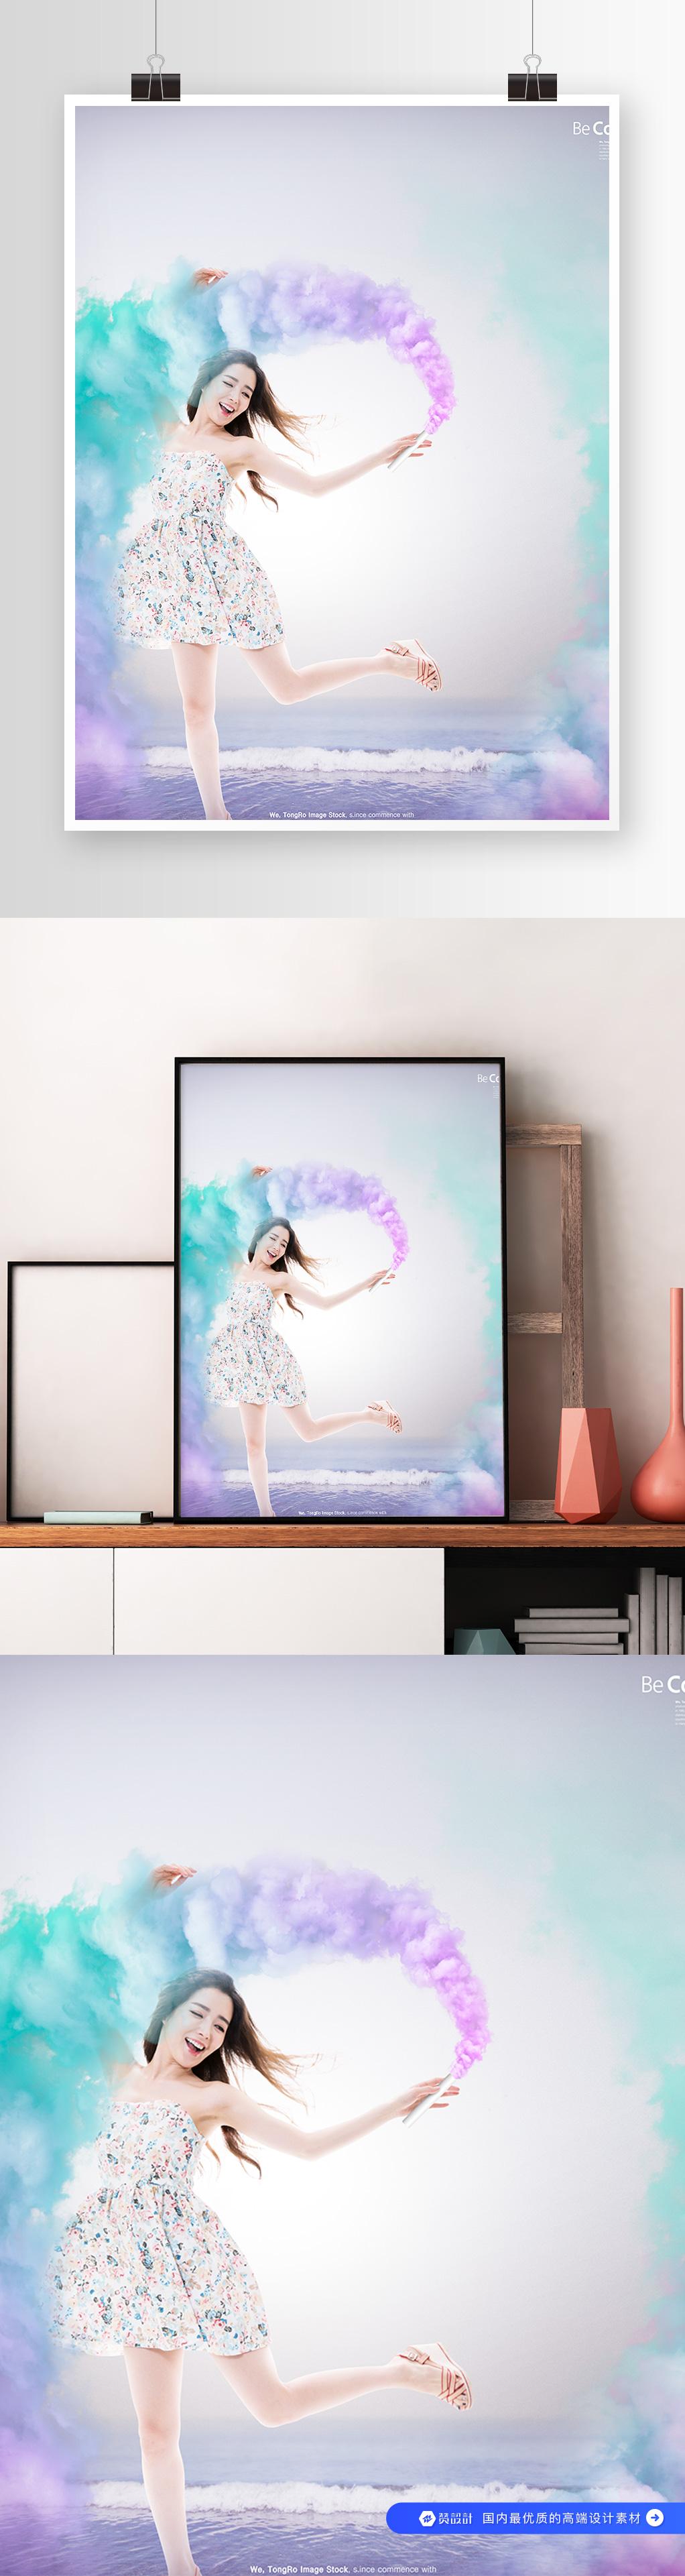 彩色烟雾 美女合成海报素材 (10)